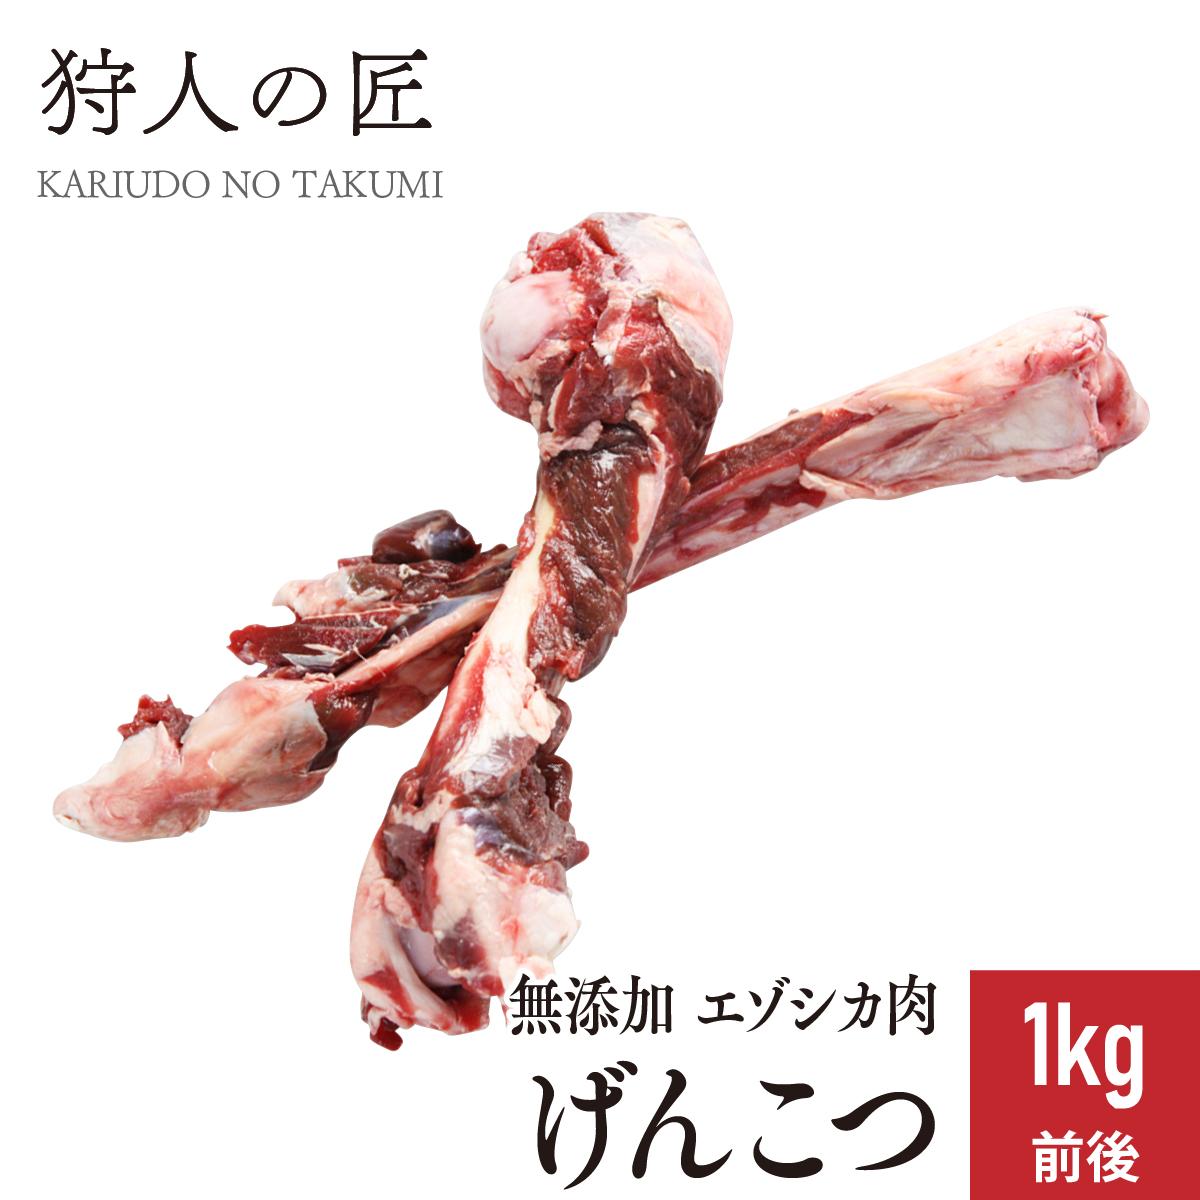 骨はカルシウムが豊富 お得 歯垢除去等のデンタルケアにもお勧め ペット用 北海道稚内産 エゾ鹿肉 げん骨 1kg前後 えぞしか肉 ドッグフード 捧呈 エゾシカ肉 ペットフード 無添加 蝦夷鹿肉